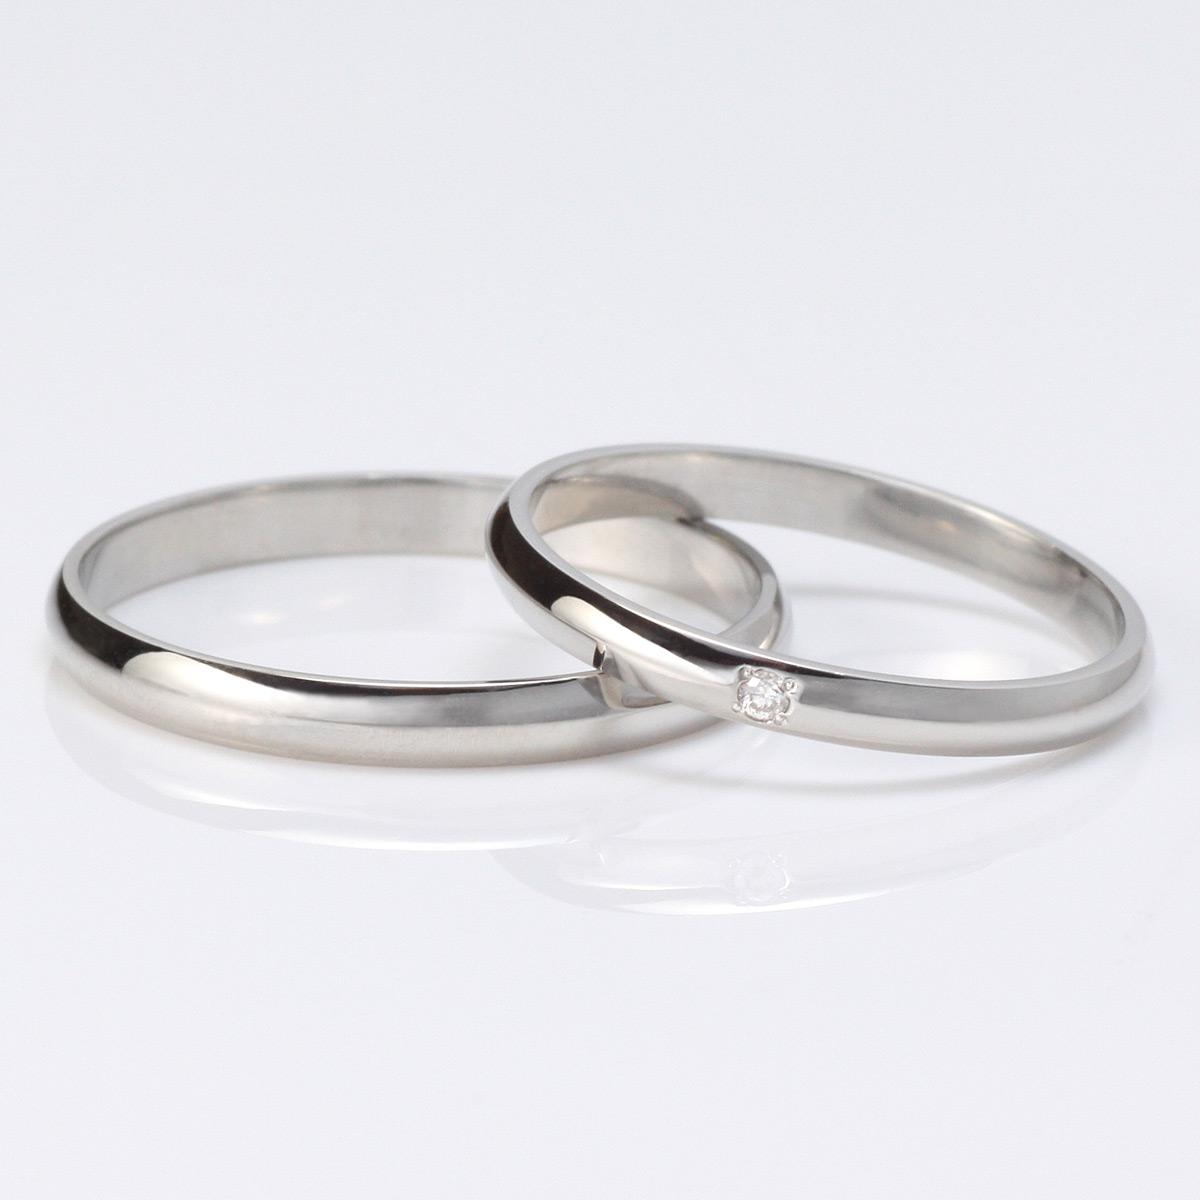 結婚指輪 マリッジリング ペアリング プラチナ ダイヤモンド 2本セット